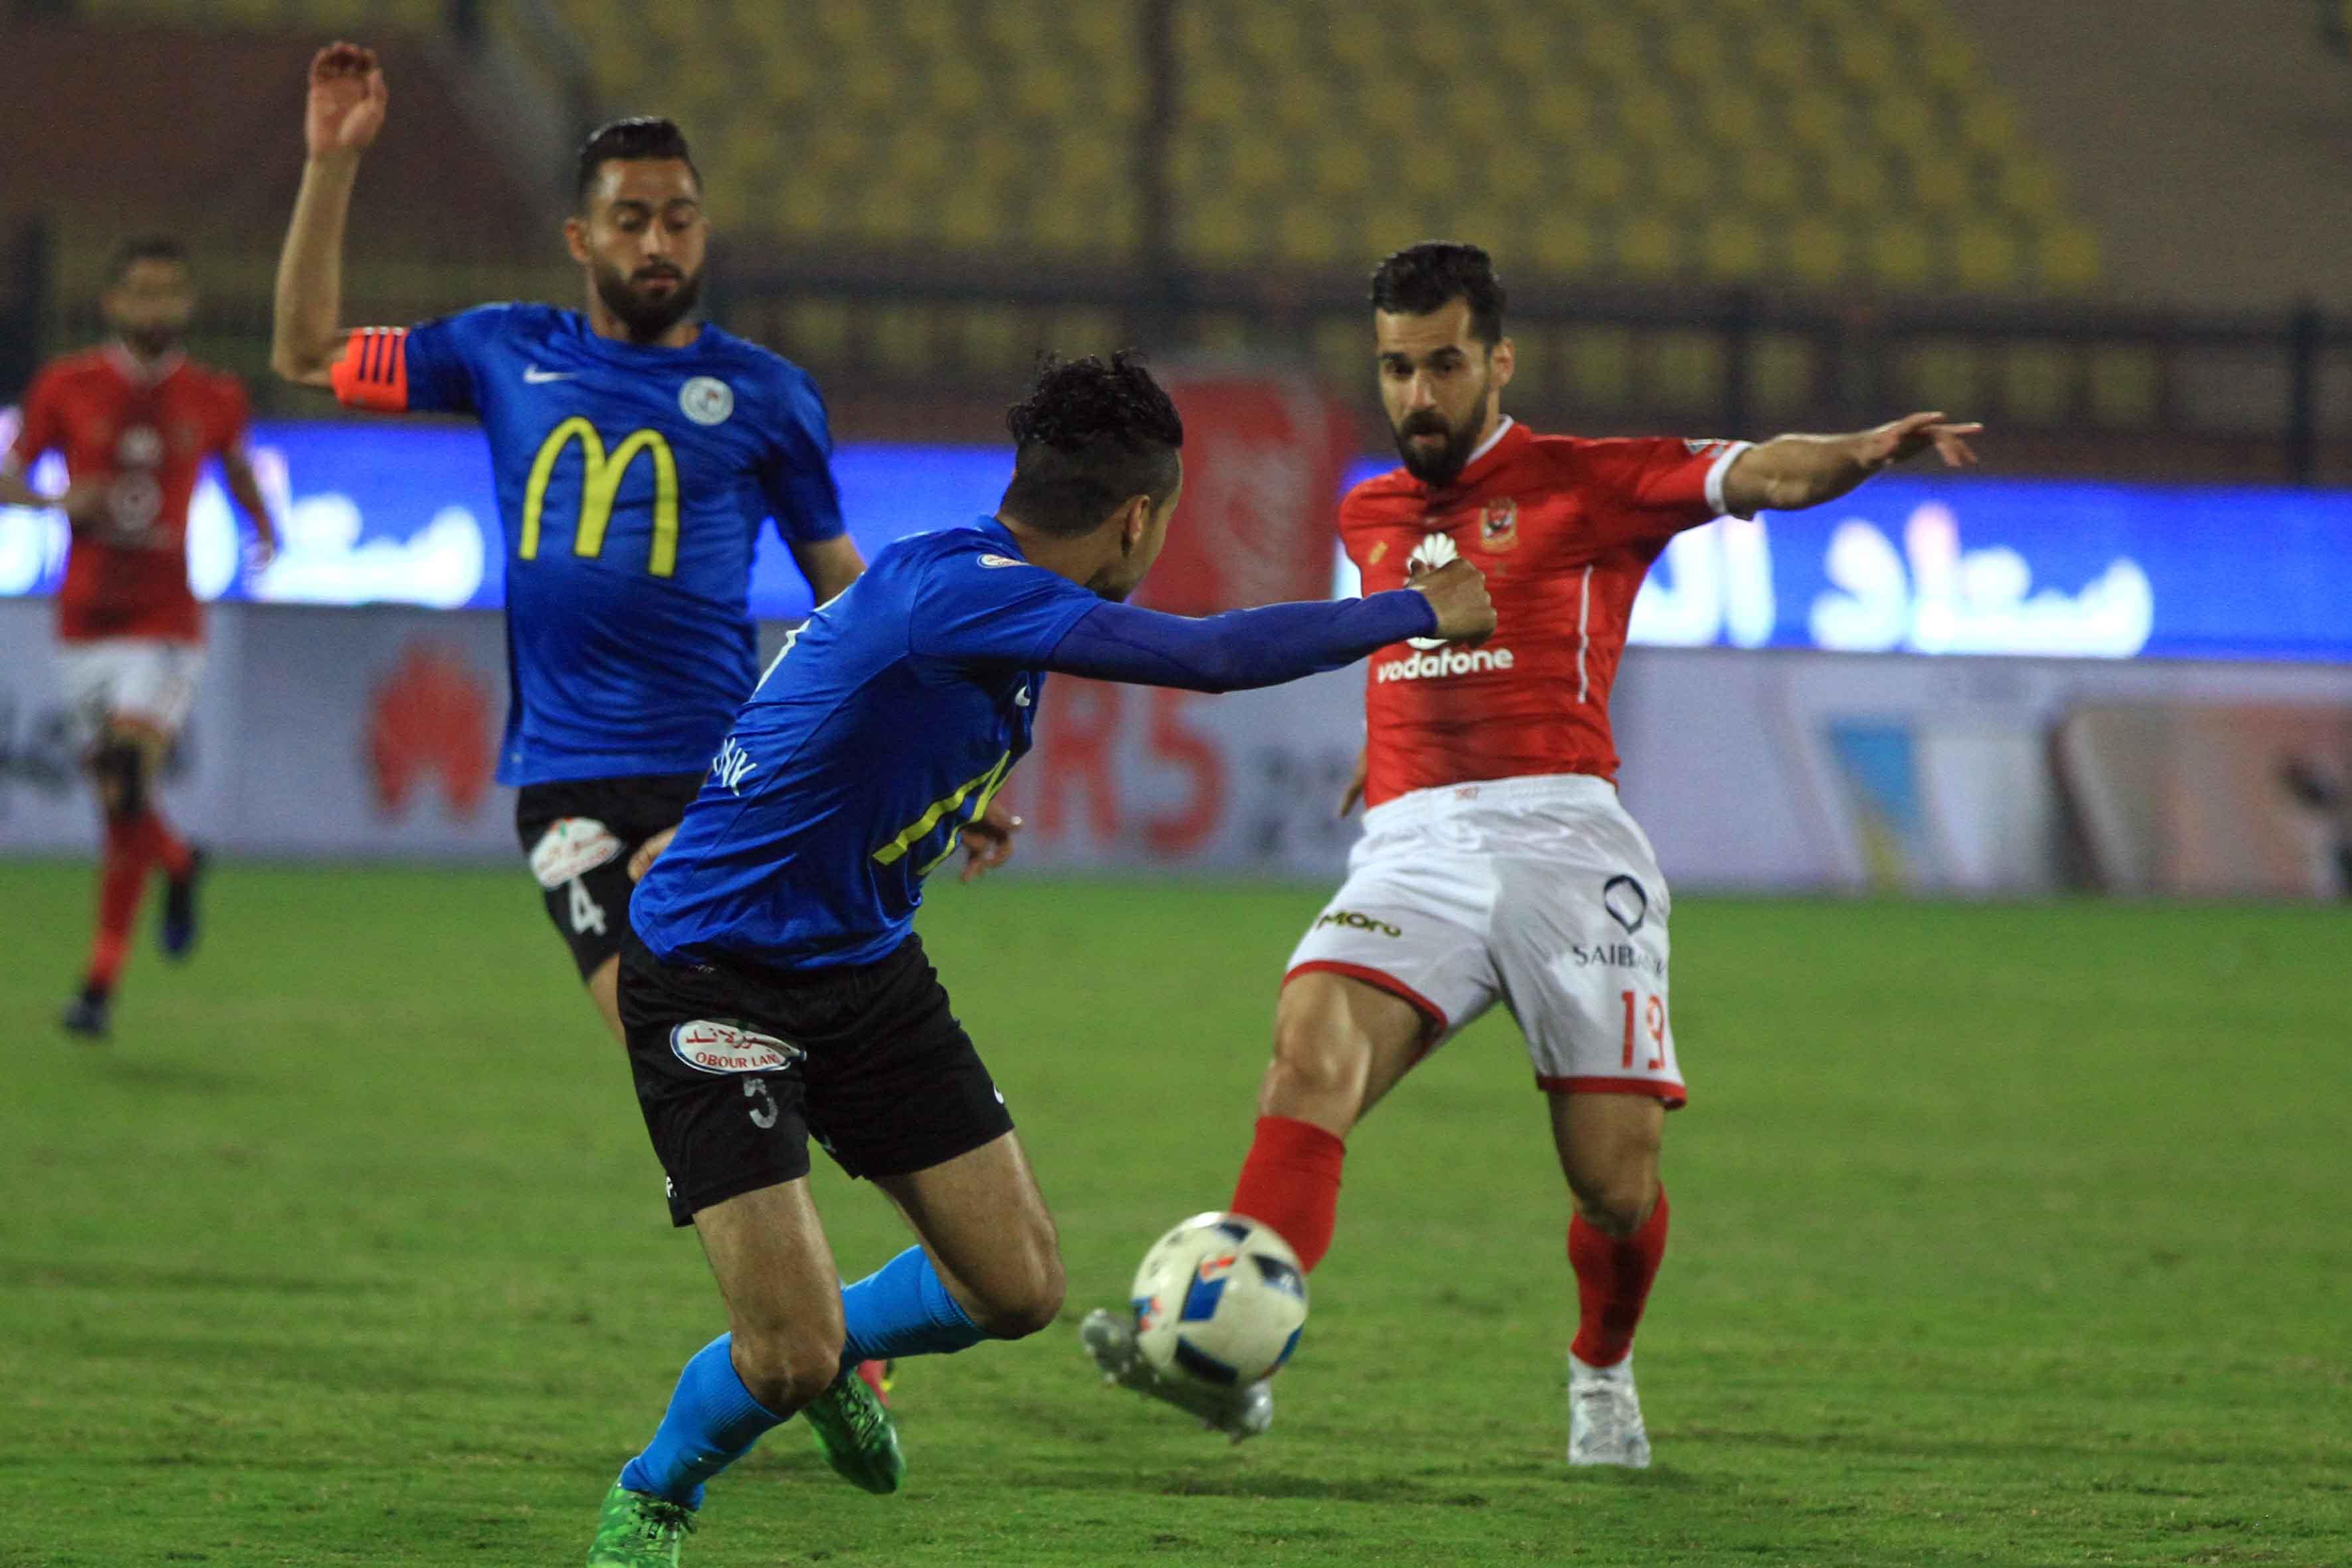 Abdallah El Said - Al Ahly v El Daklyeh